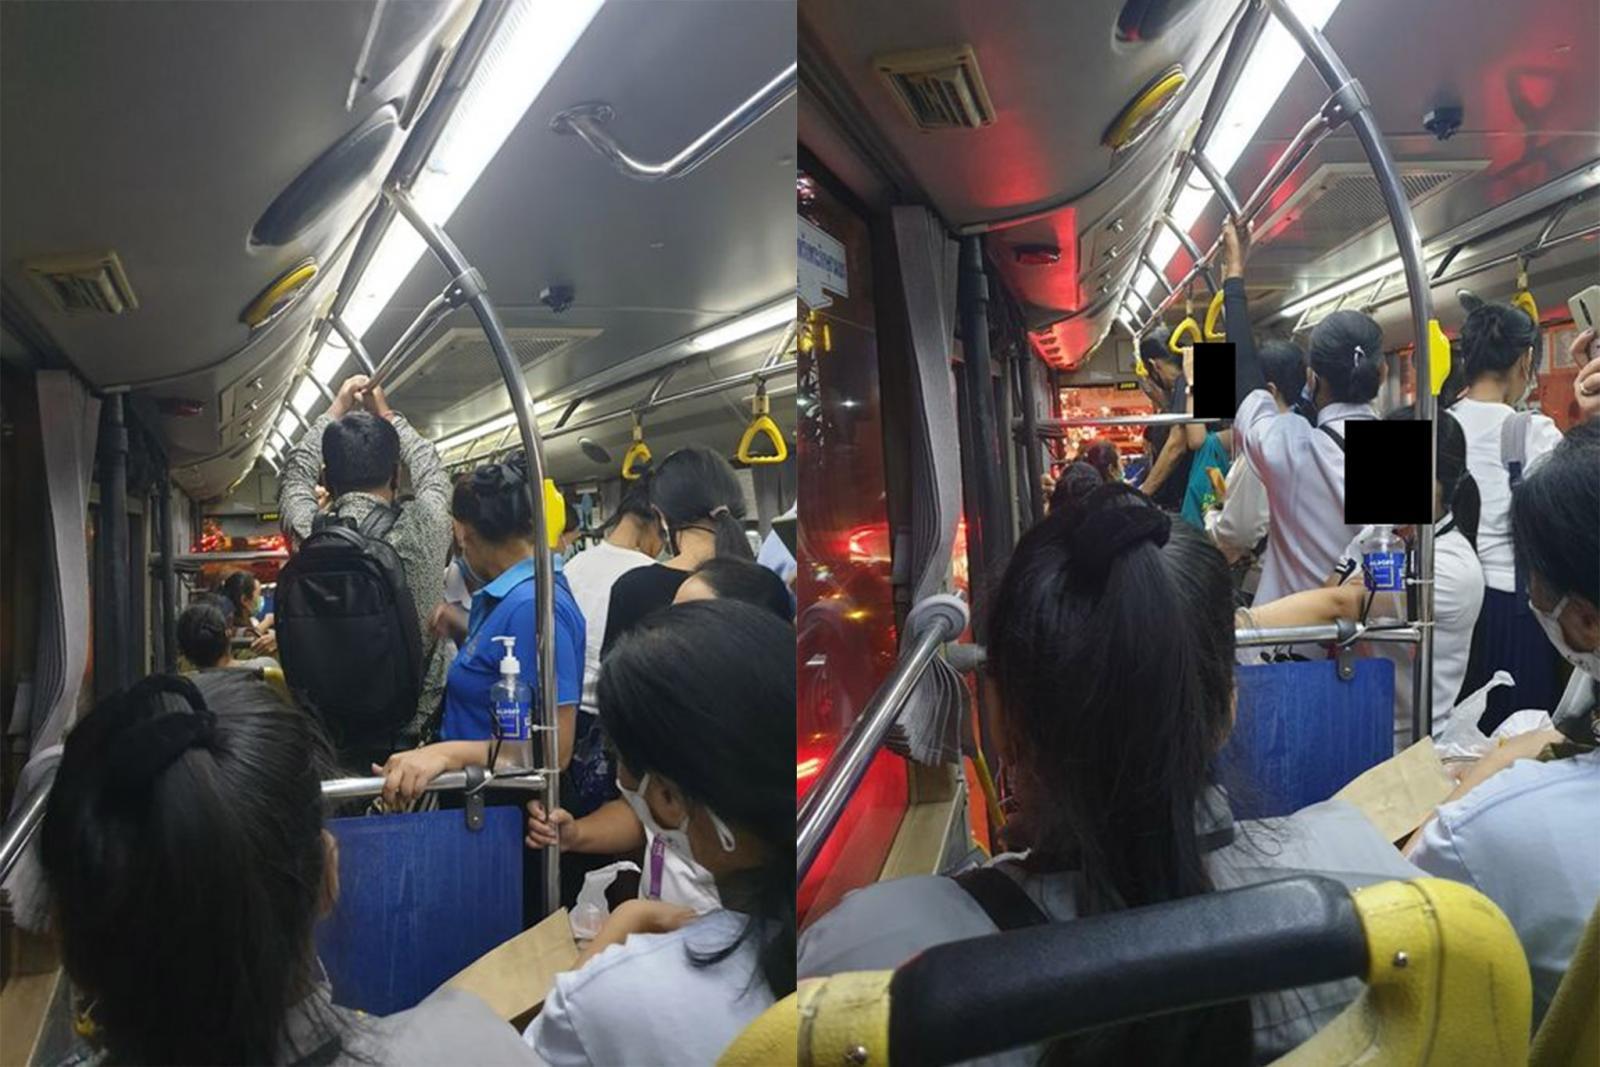 ฟ้องด้วยภาพ! คนแน่นรถเมล์ หลังปรับเที่ยวน้อยลง สวนนโยบายเว้นระยะห่าง